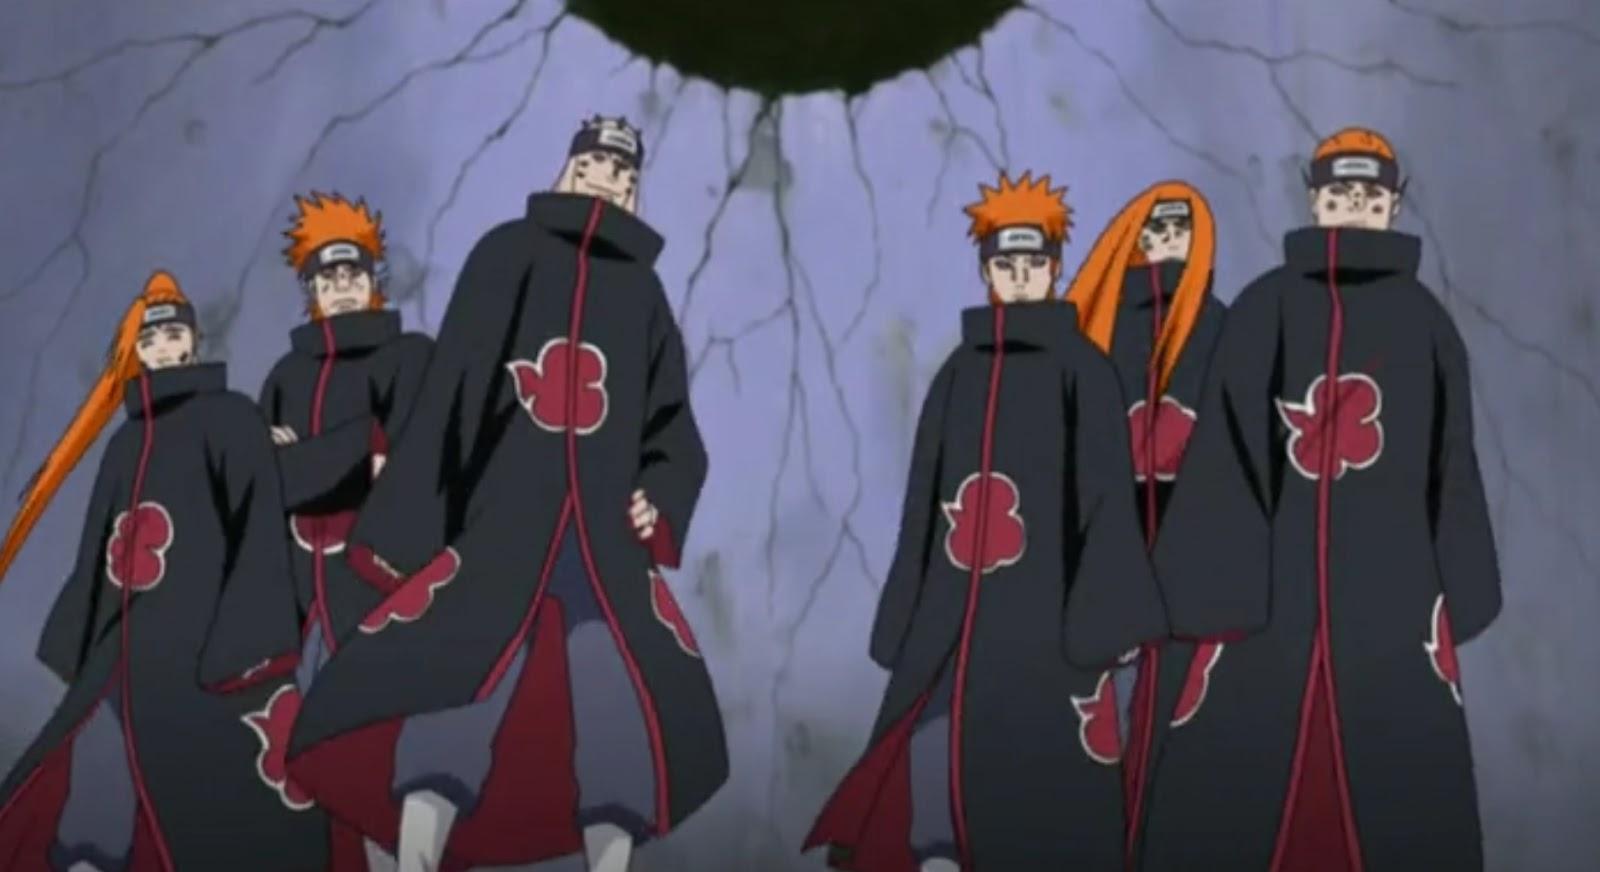 Naruto Shippuden Episódio 132, Naruto Shippuden Episódio 132, Assistir Naruto Shippuden Todos os Episódios Legendado, Naruto Shippuden episódio 132,HD